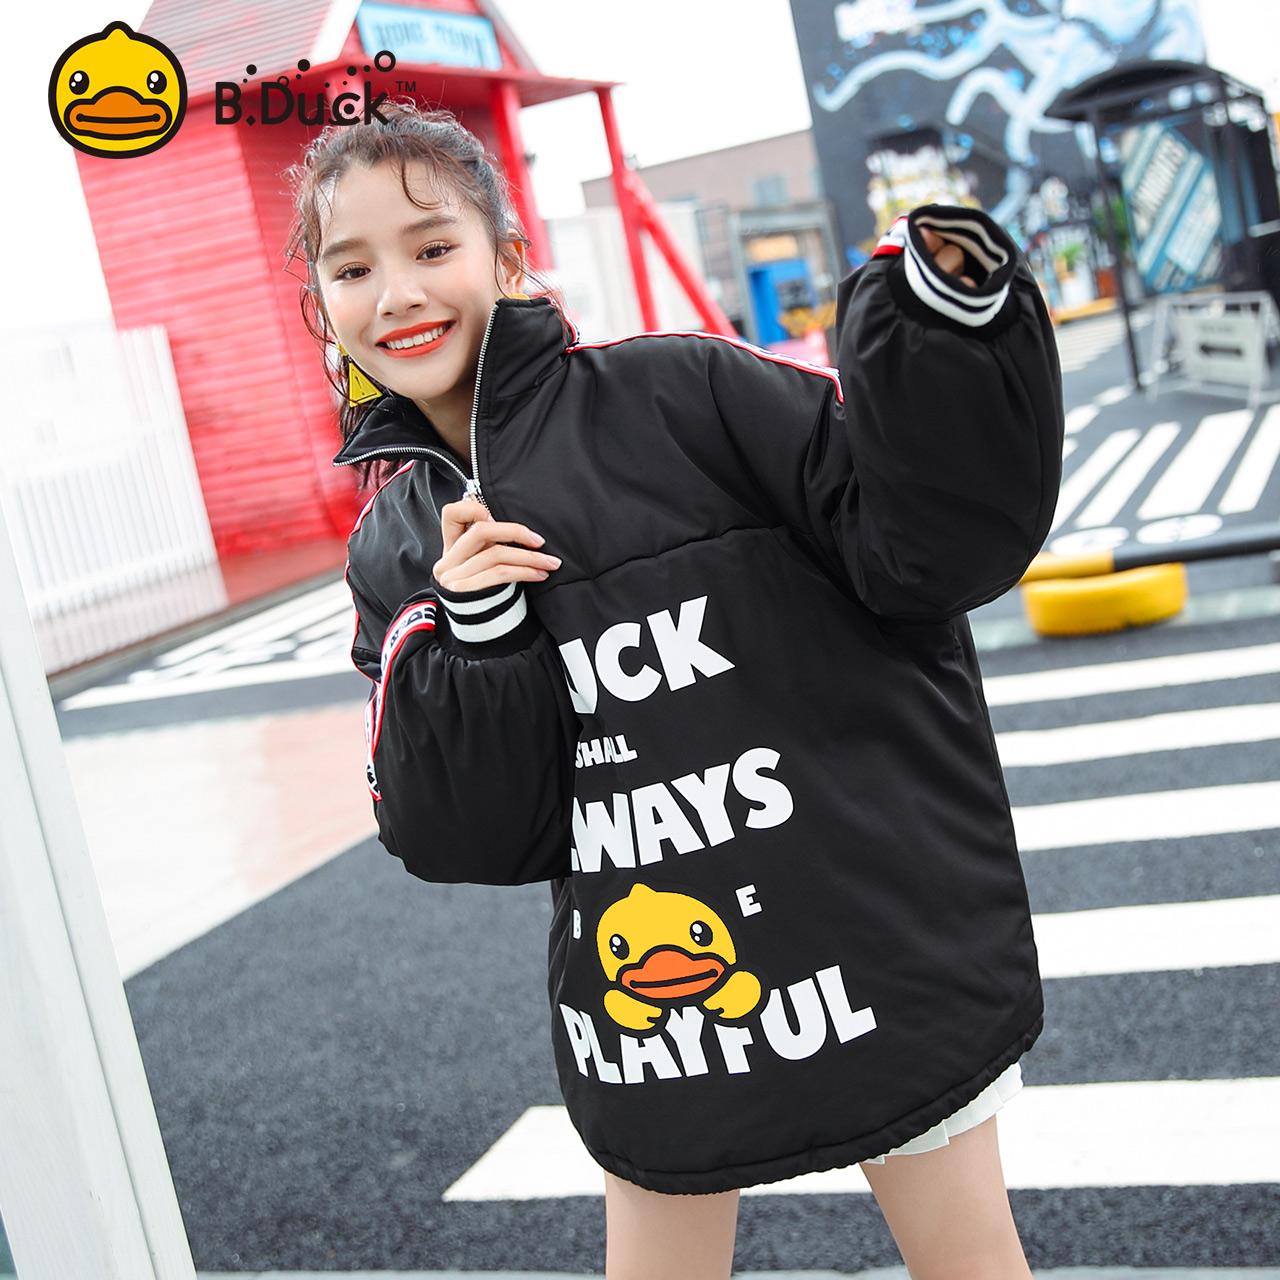 B.Duck小黄鸭2018冬装新款个性正反两面穿立领棉衣棉服女外套韩版